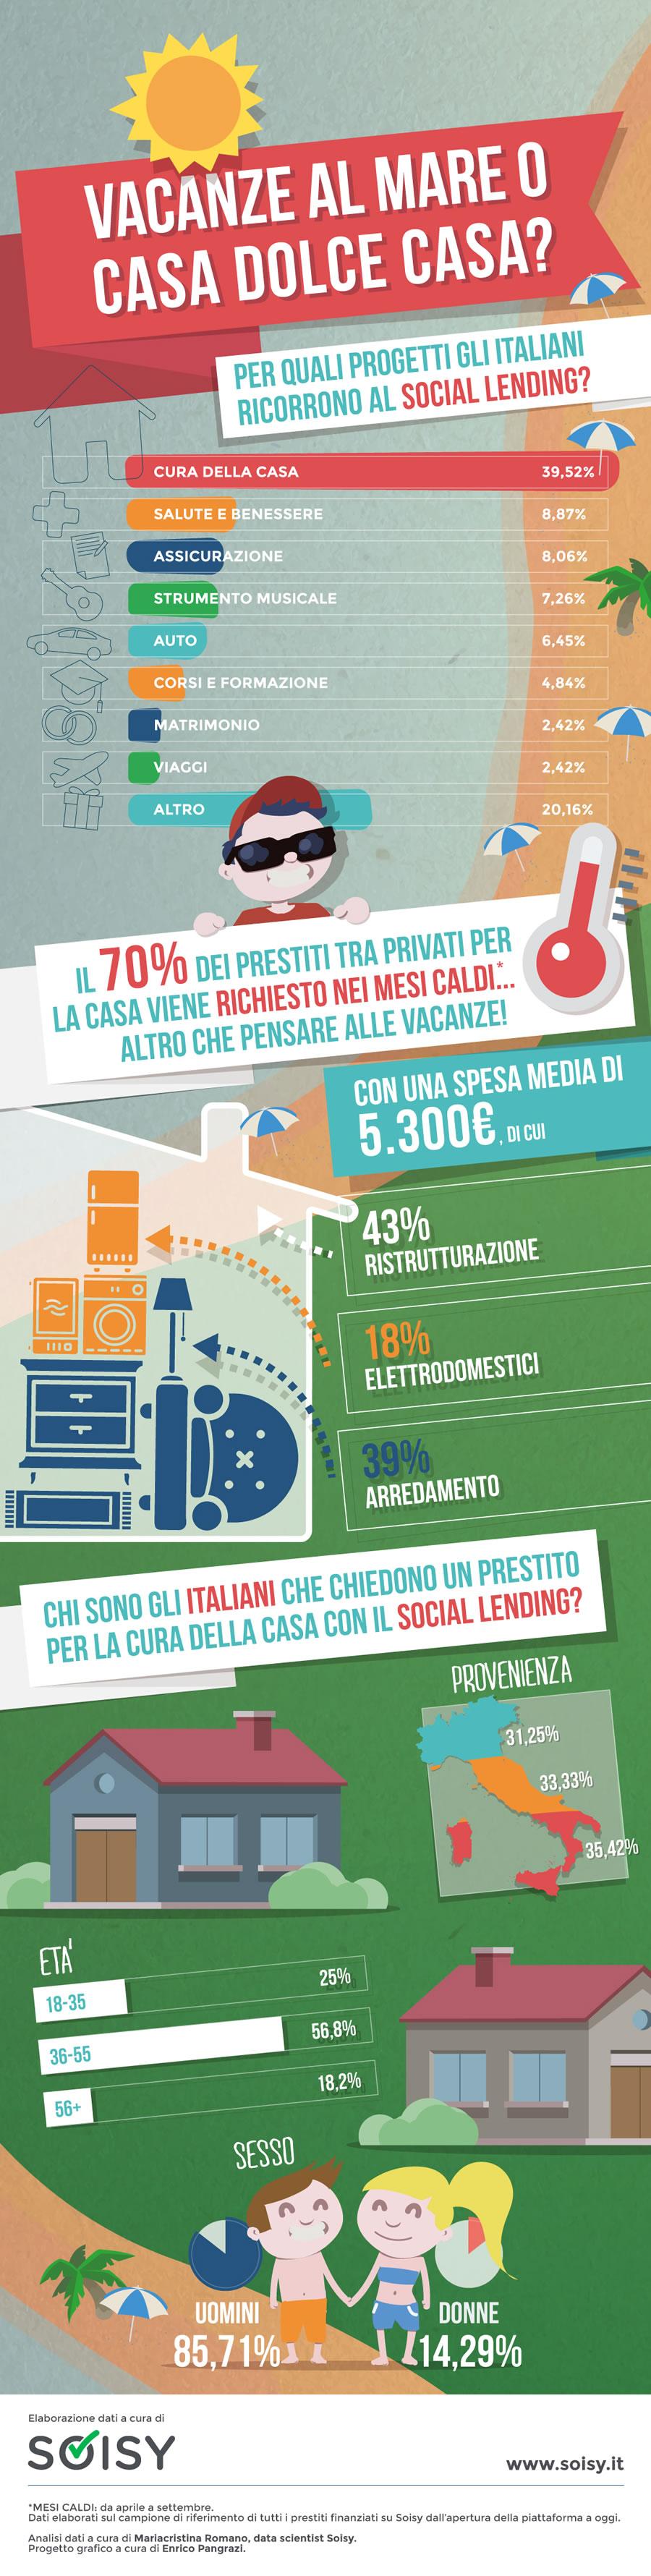 infografica social lending